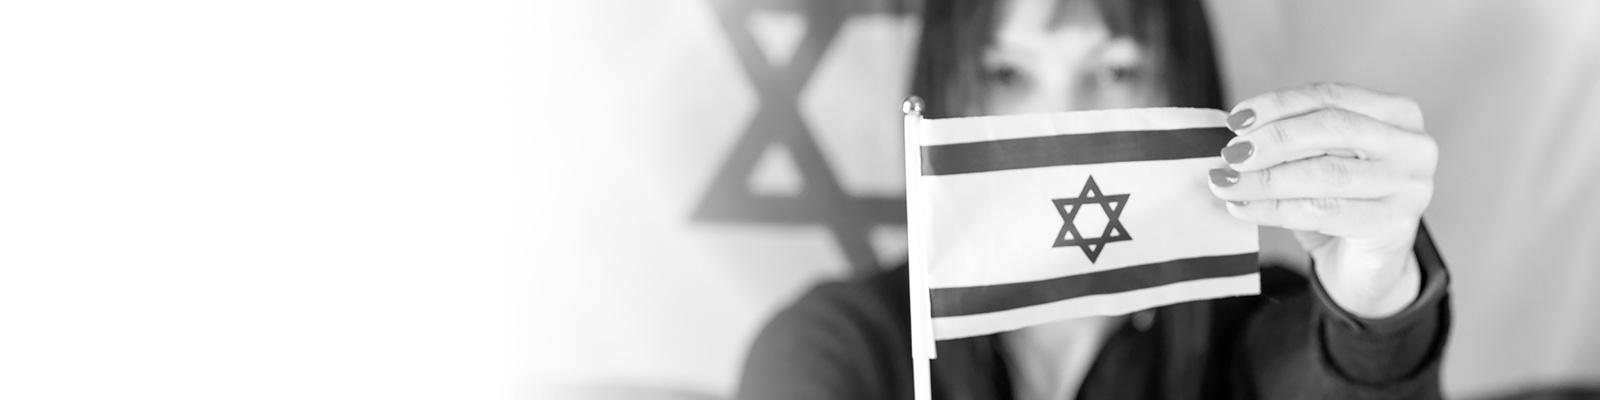 イスラエル 国旗 選挙 イメージ